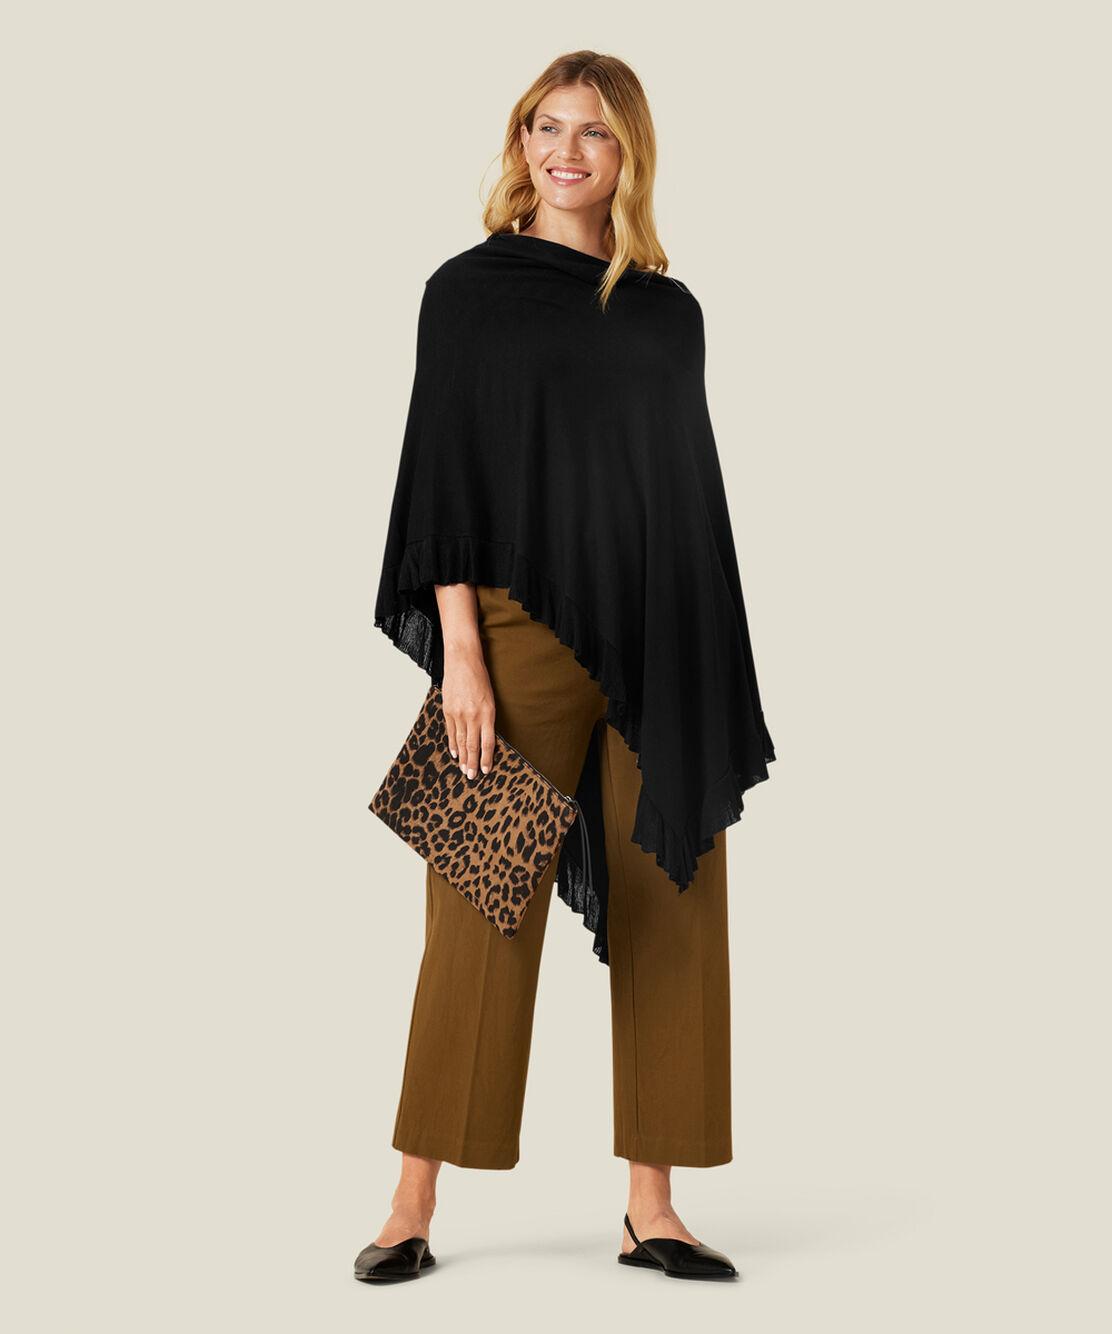 PETIA HOSE, Monk's Robe, hi-res